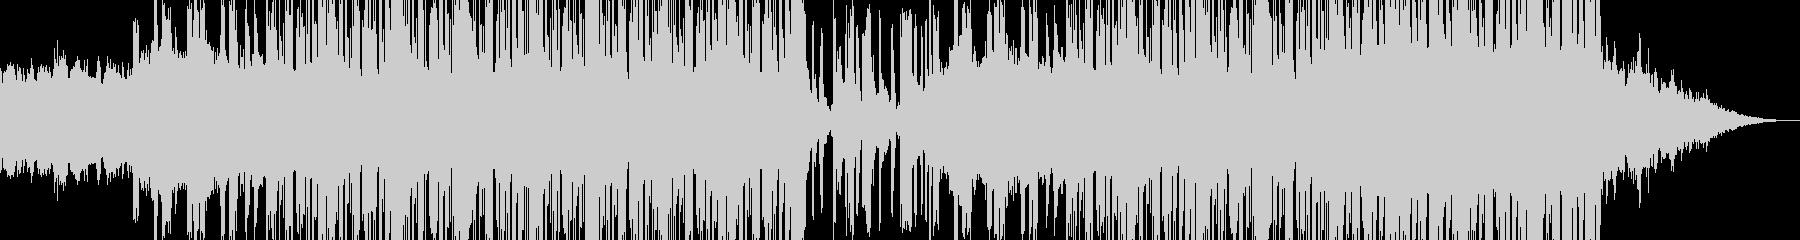 ピアノとシンセで切ないヒップホップにの未再生の波形